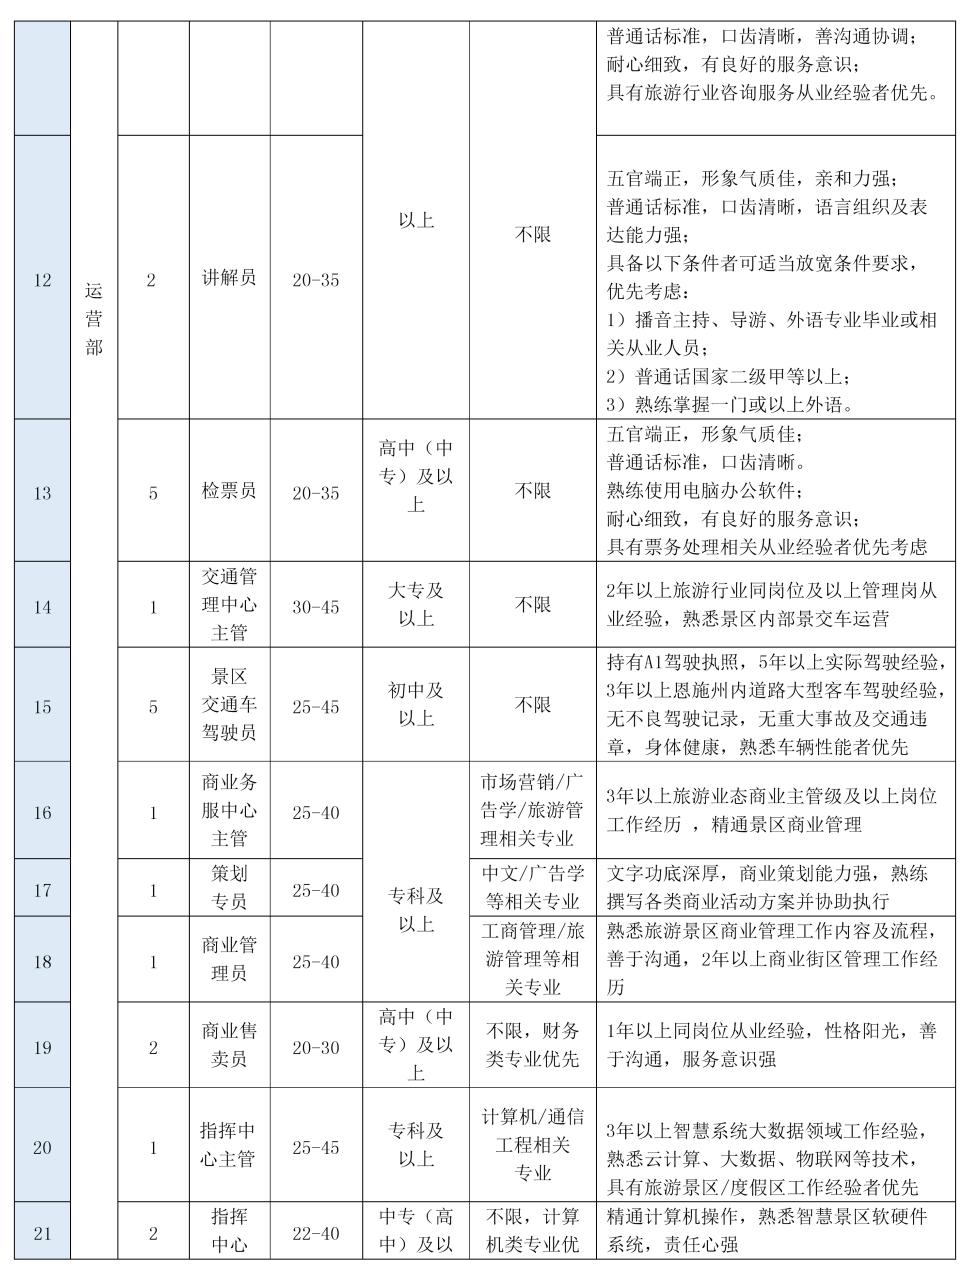 中科院武汉病毒所雇用若干人 雇用打算 武汉国度生物安详尝试室动物尝试师1人